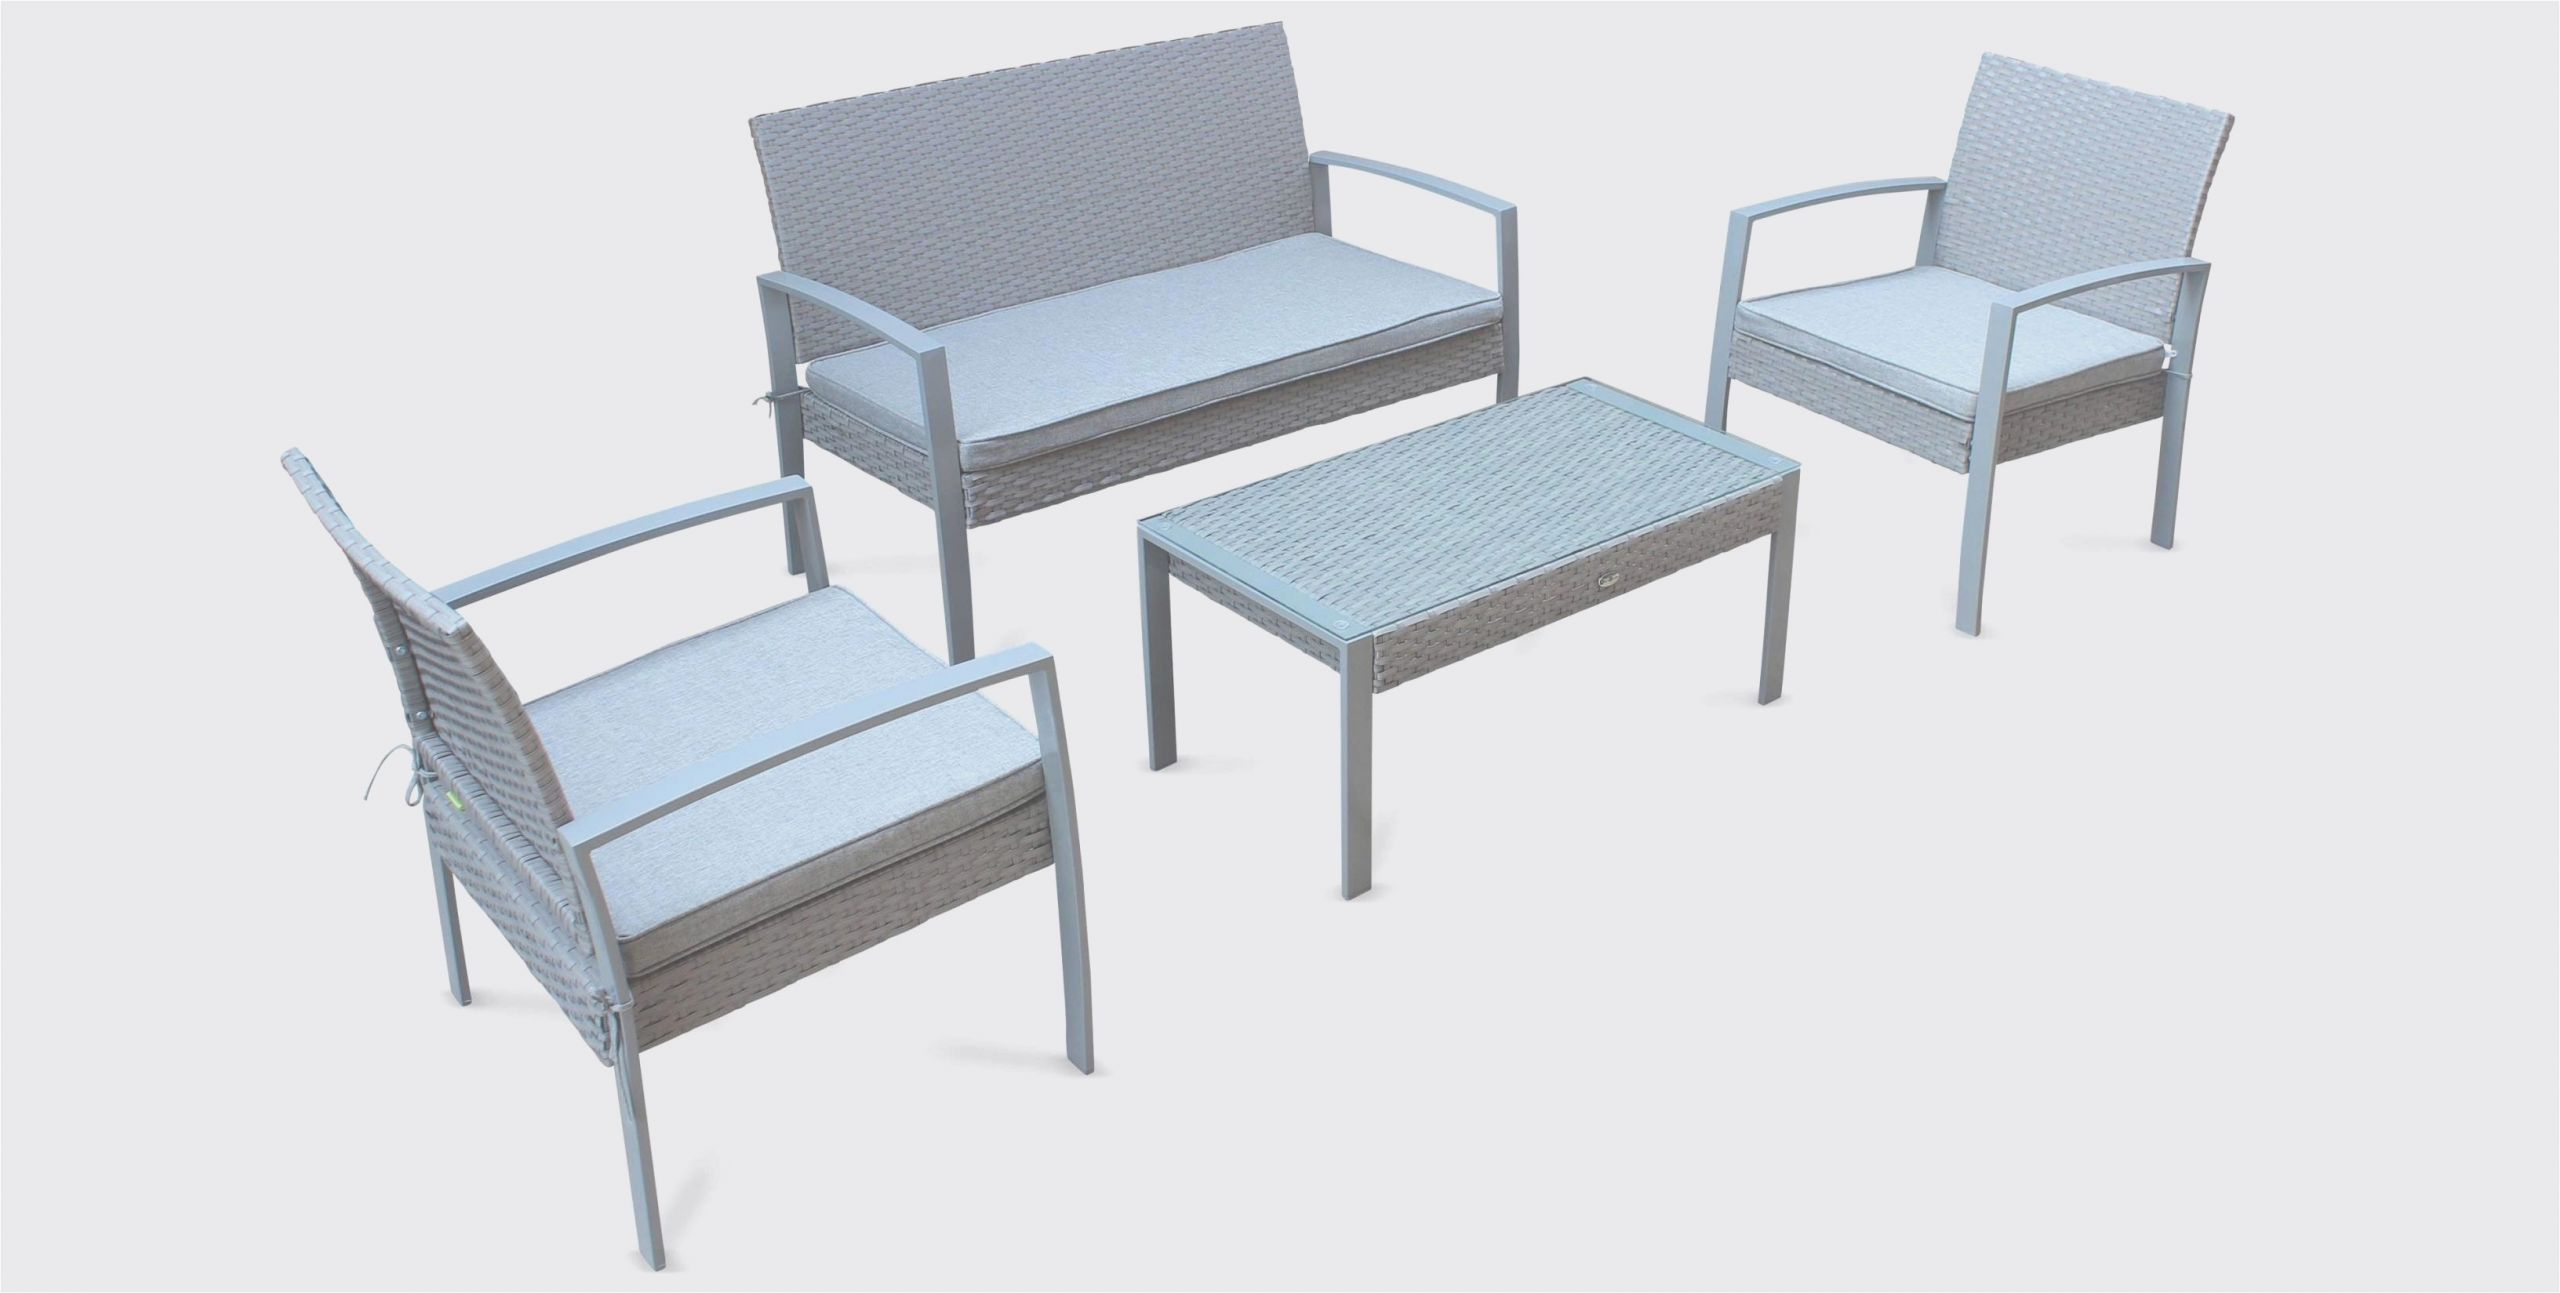 35 Best Of Destockage Salon De Jardin Resine Tressee | Salon ... concernant Destockage Mobilier De Jardin